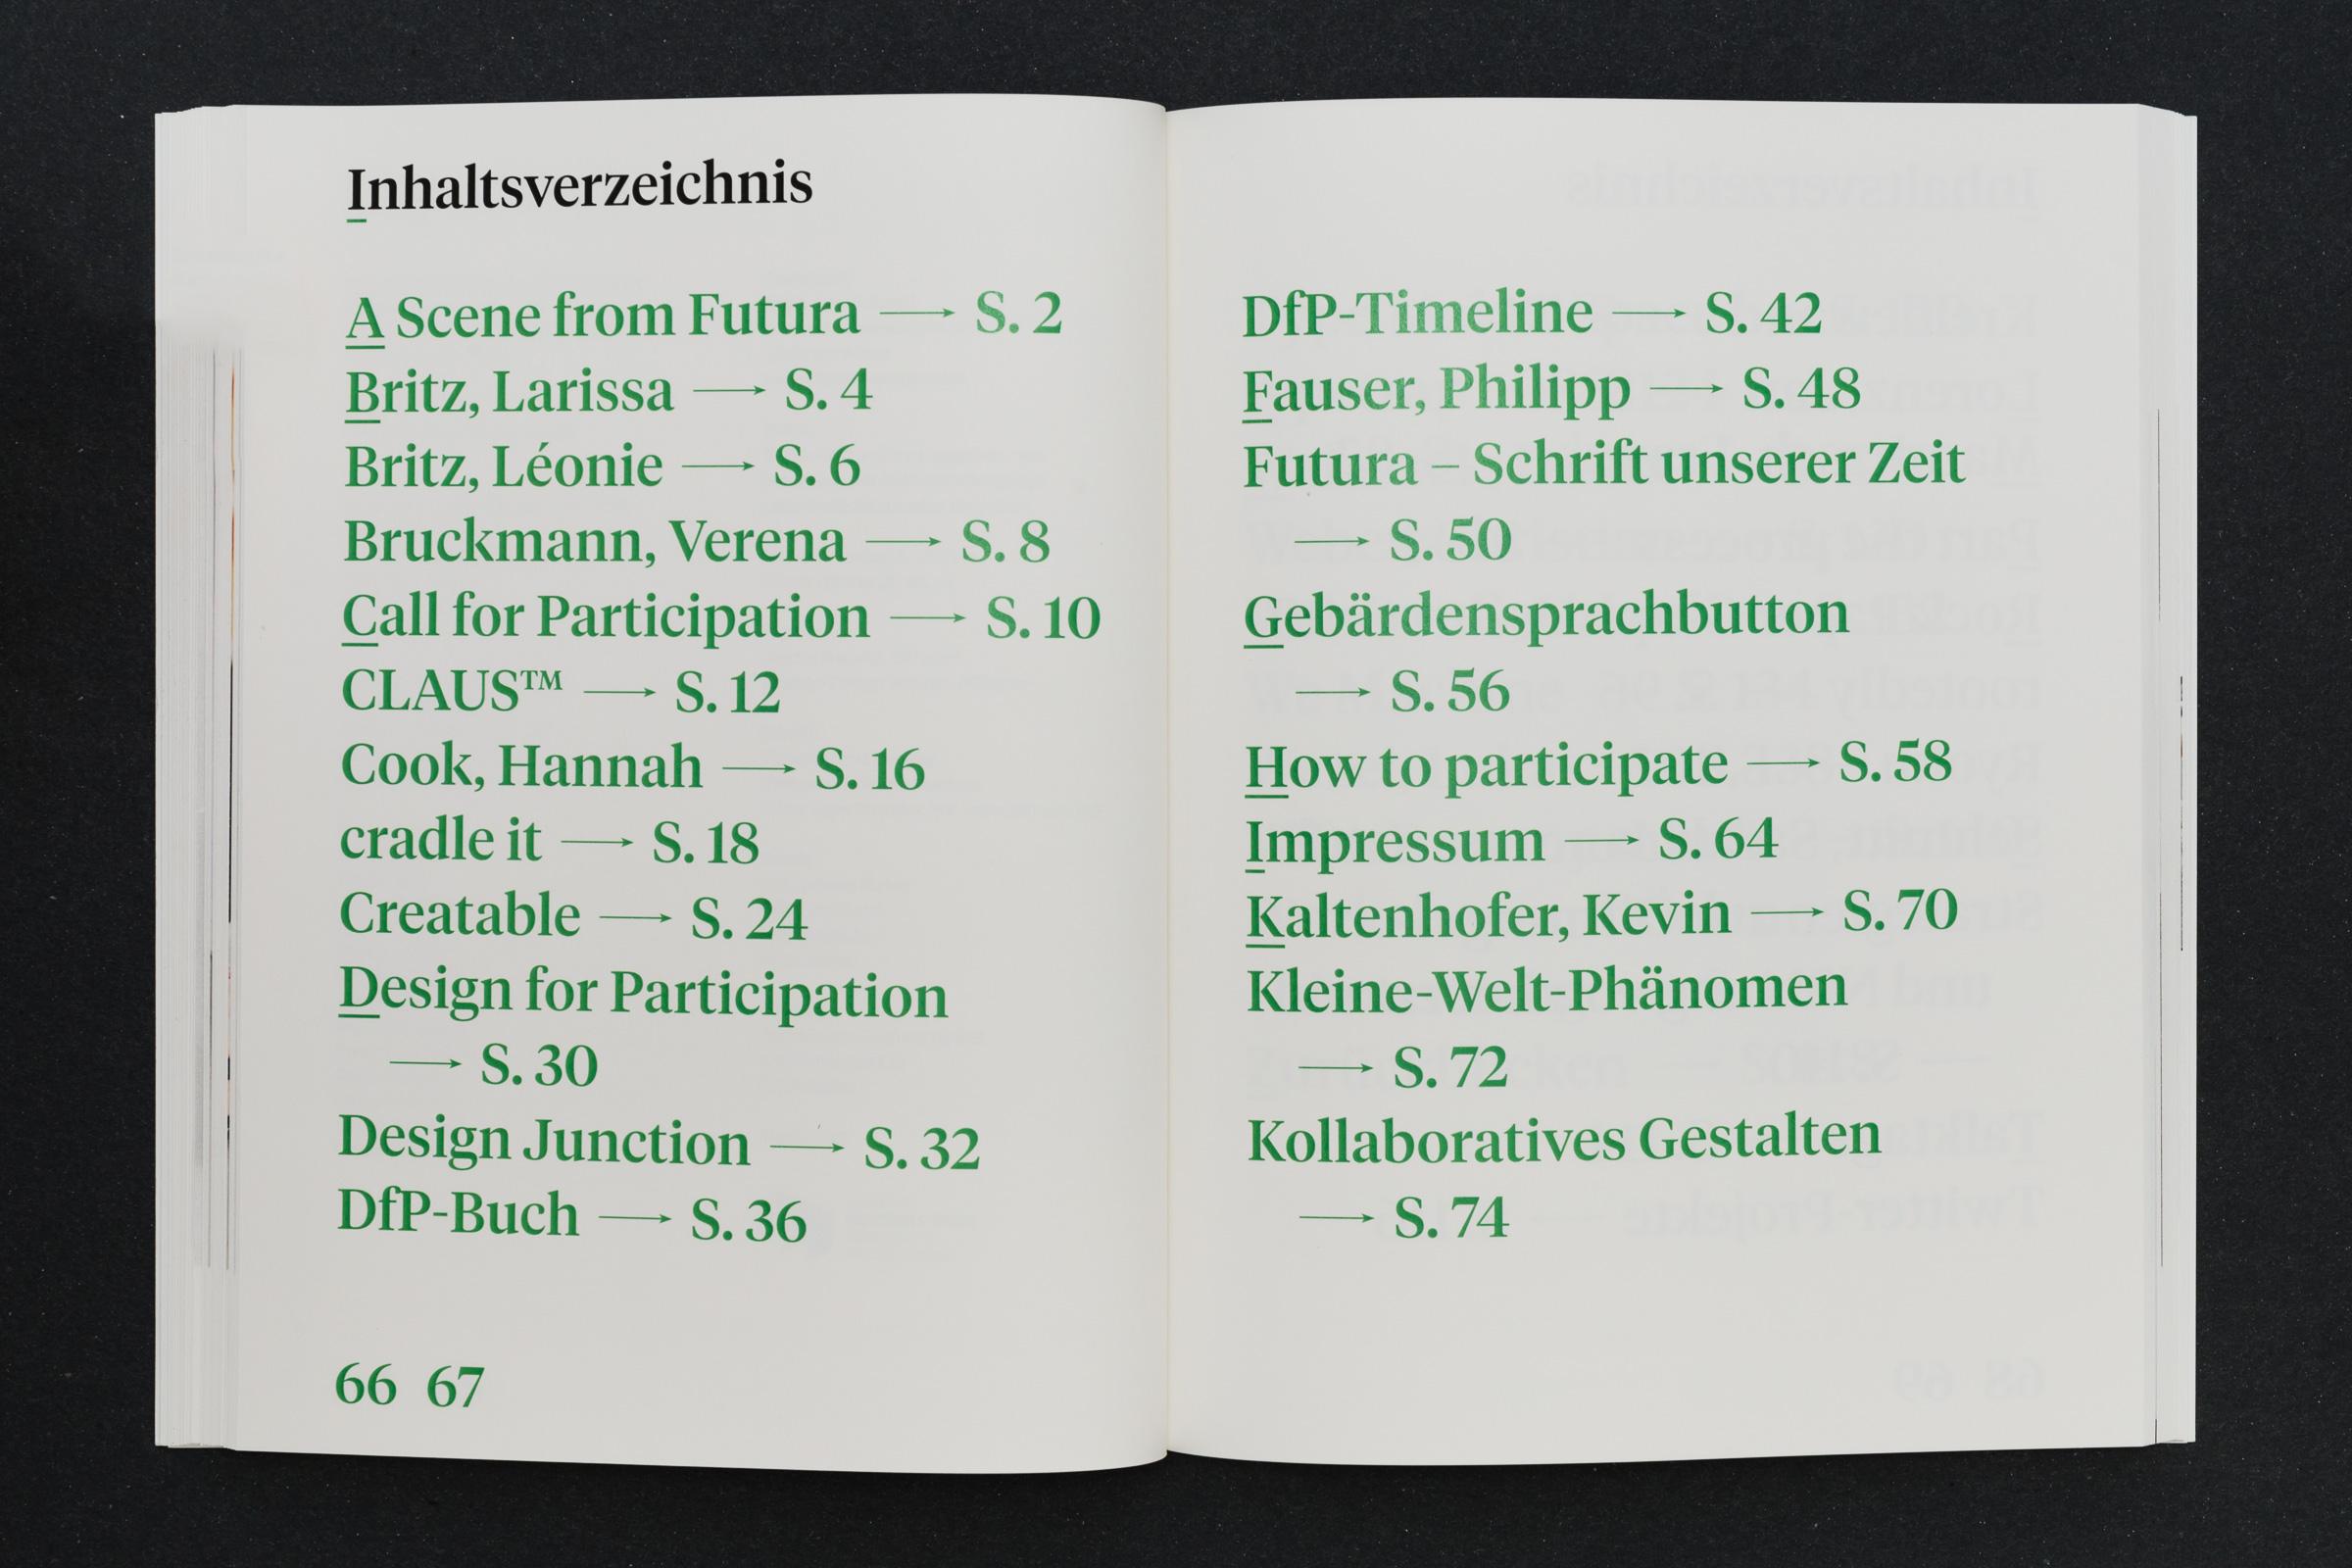 Inhaltsverzeichnis mit großer Typografie Werkbericht – Design for Participation © Christian Weber – Büro für Gestaltung und Kommunikation